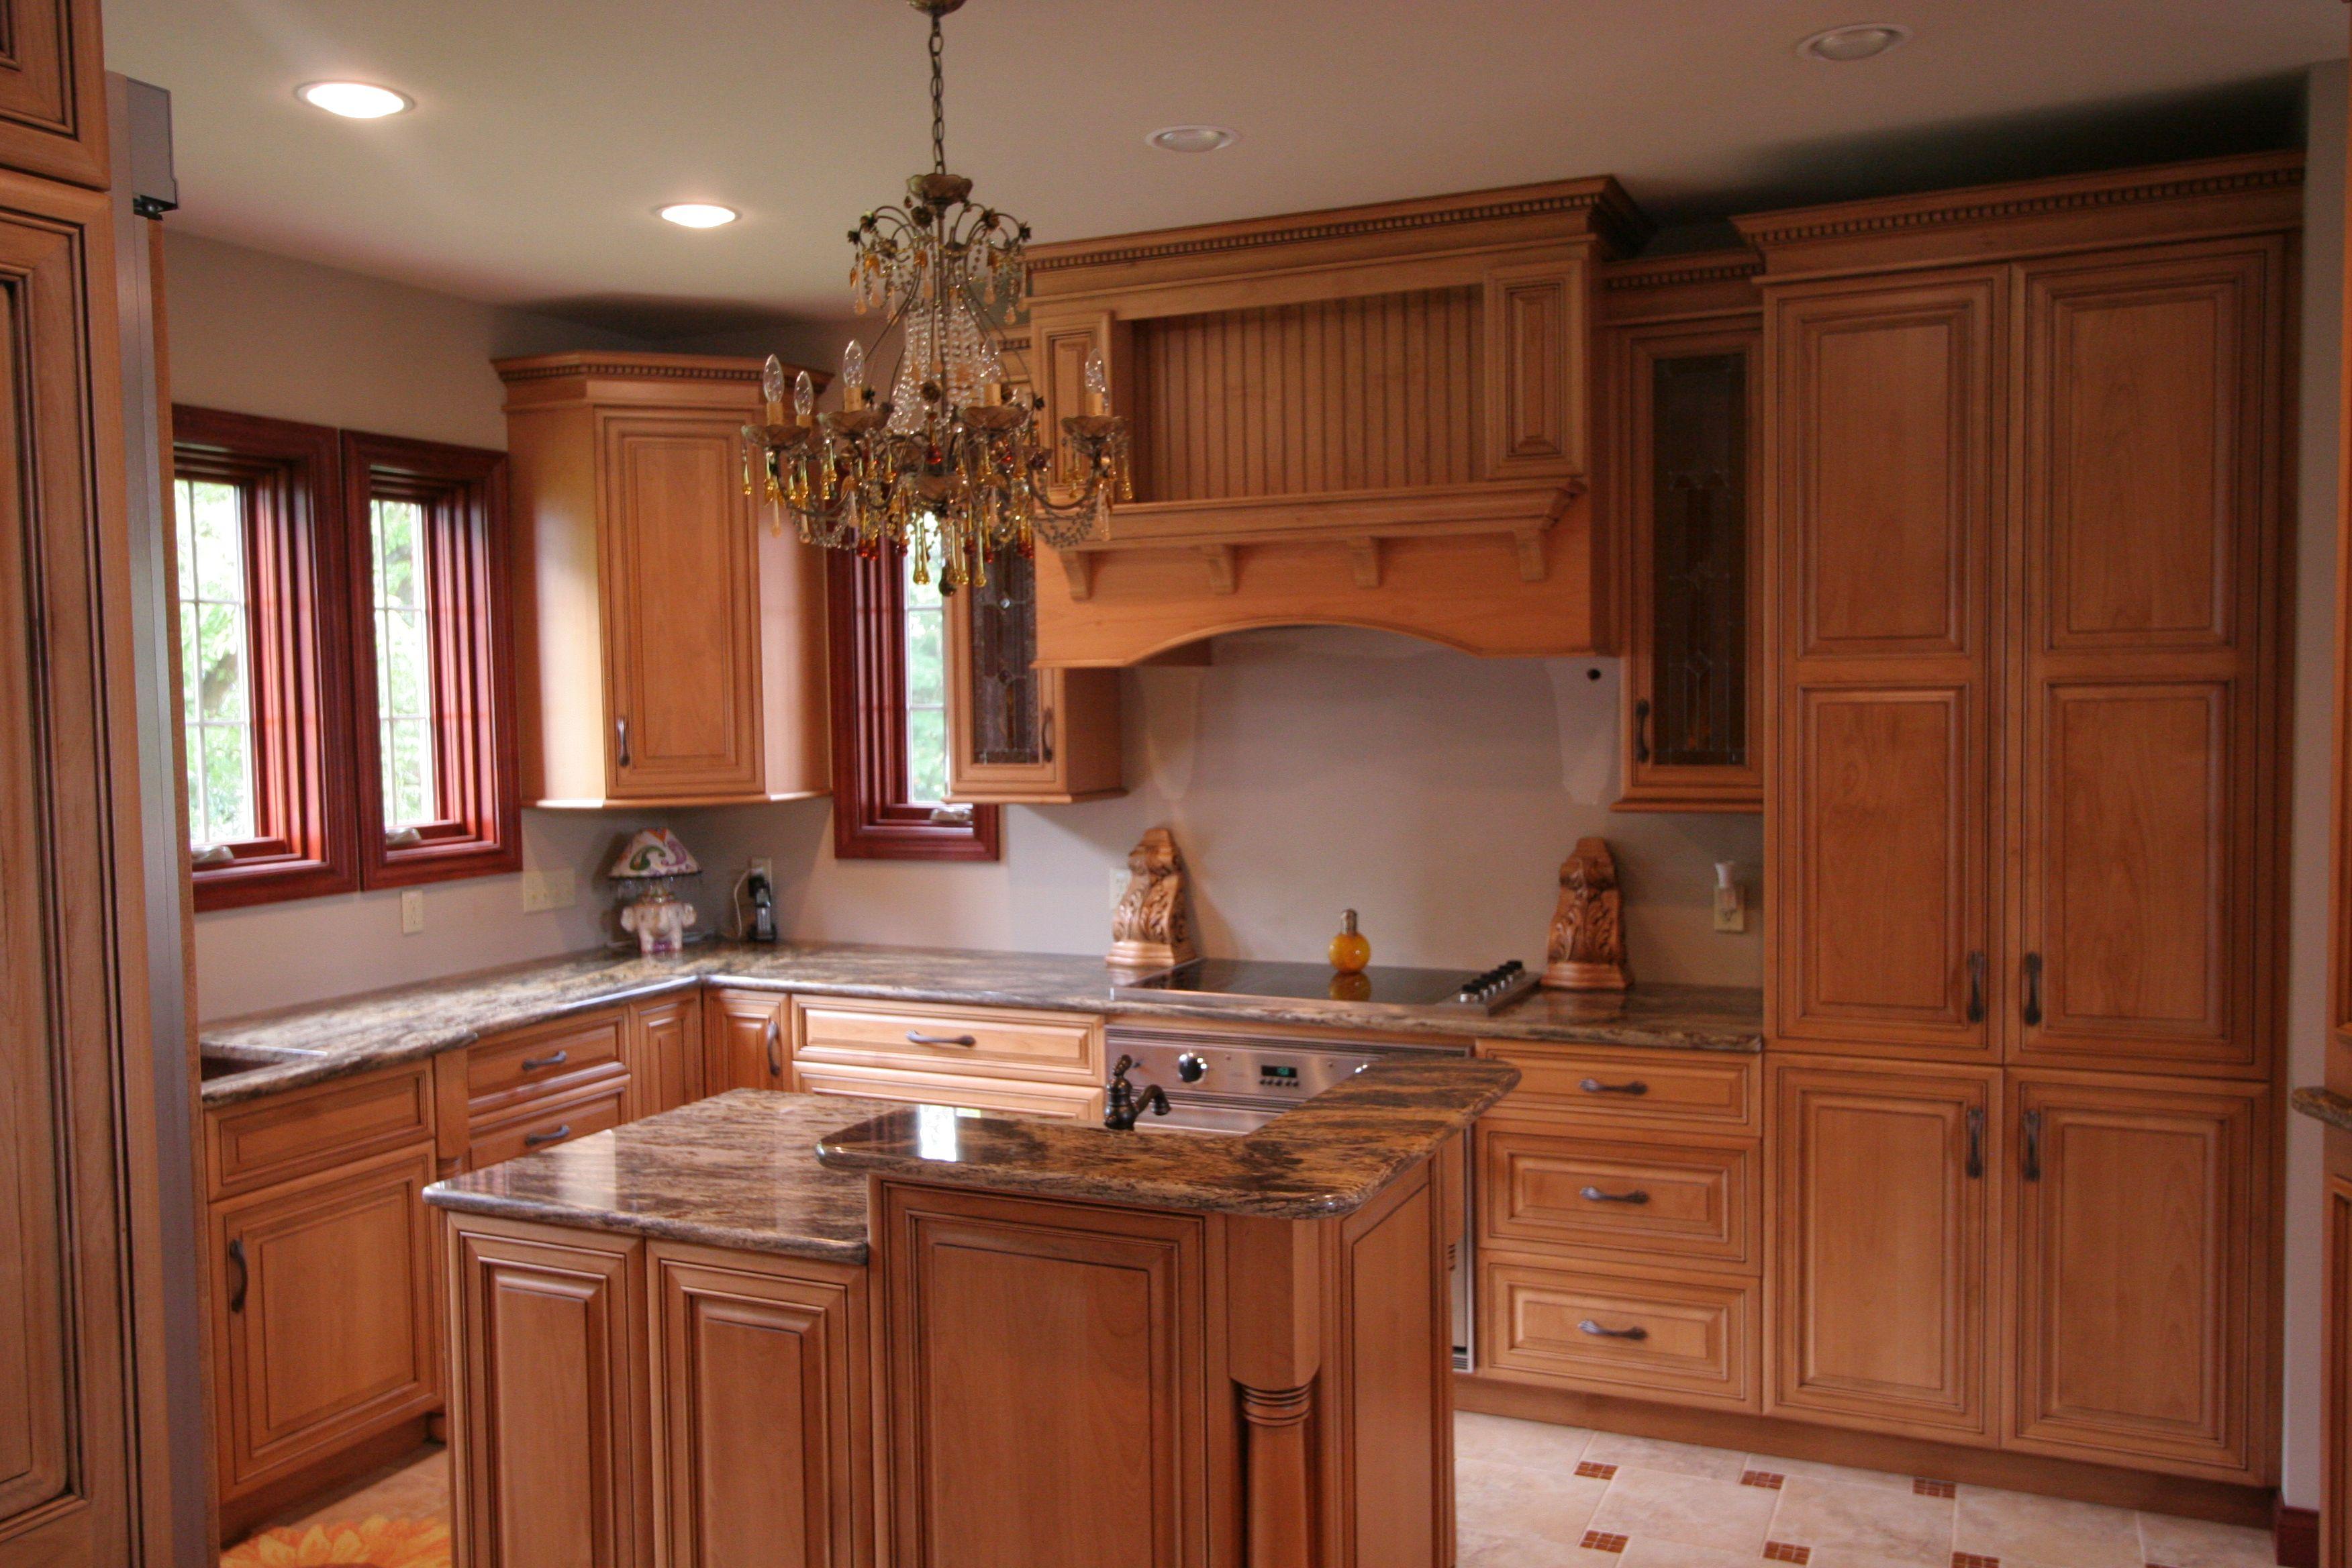 Küche Design Layout Ideen Trends Für die Küche ist gefunden, der ...